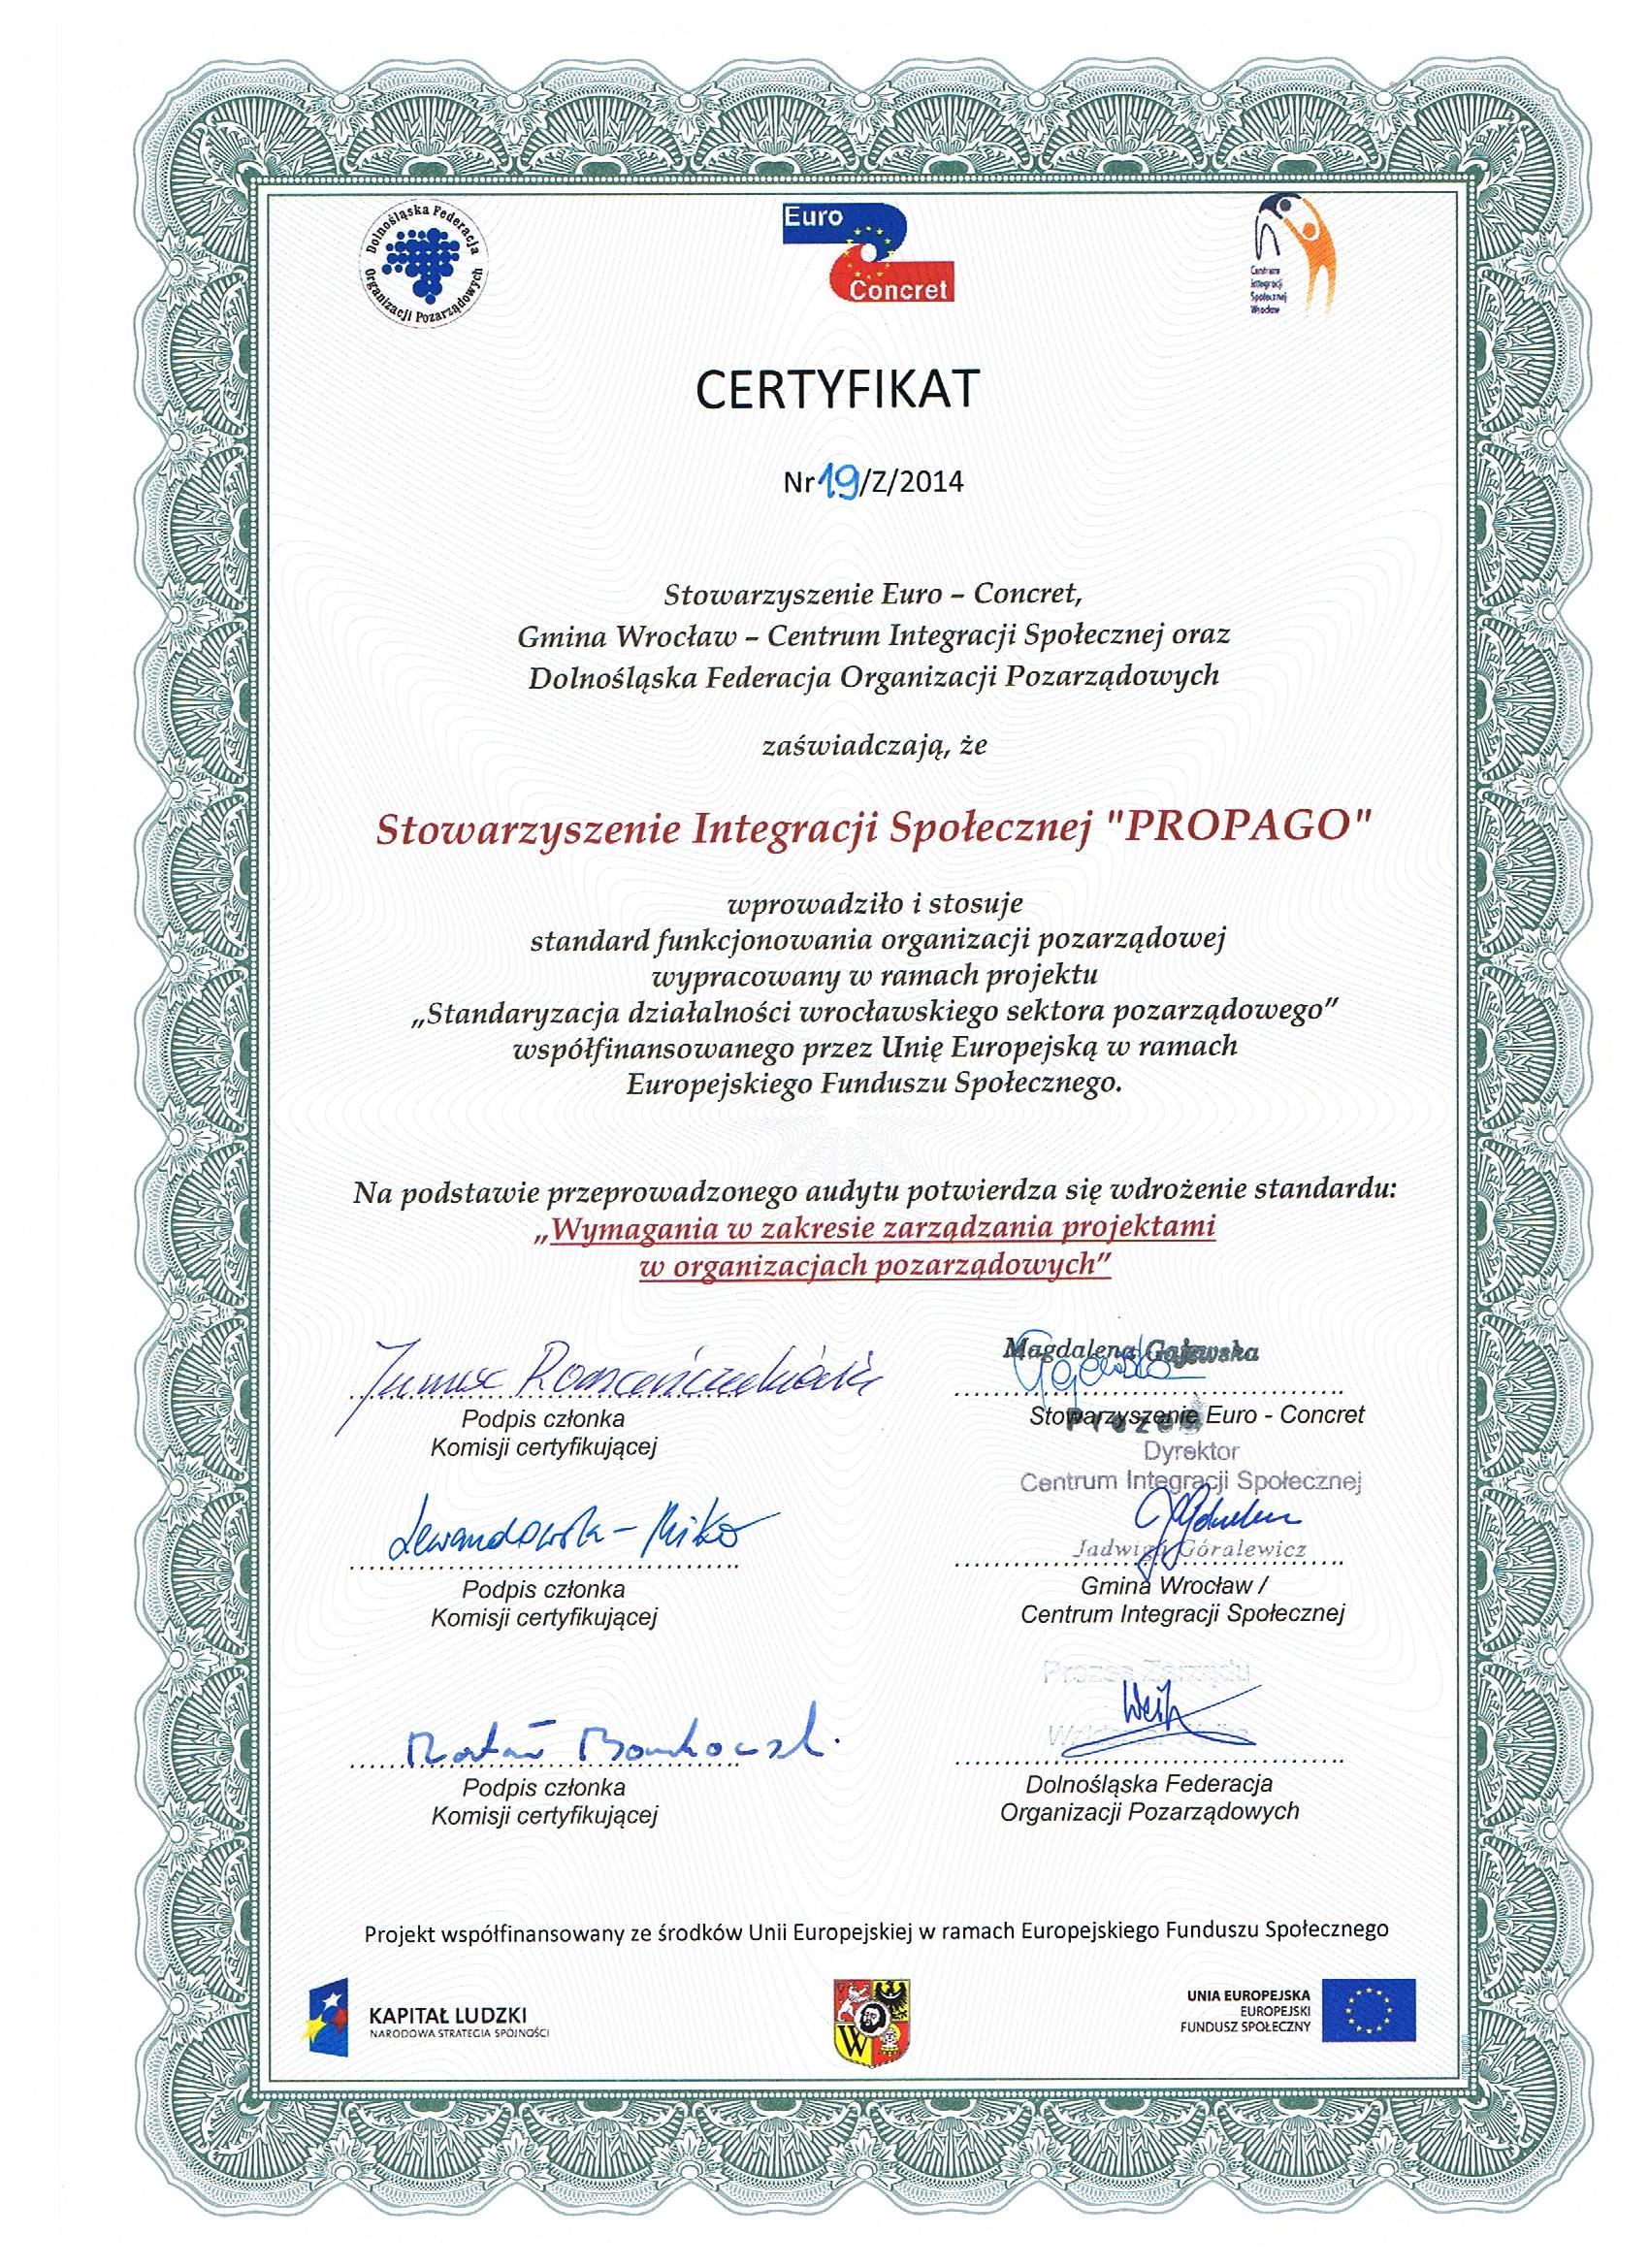 skan certifikat propago 2